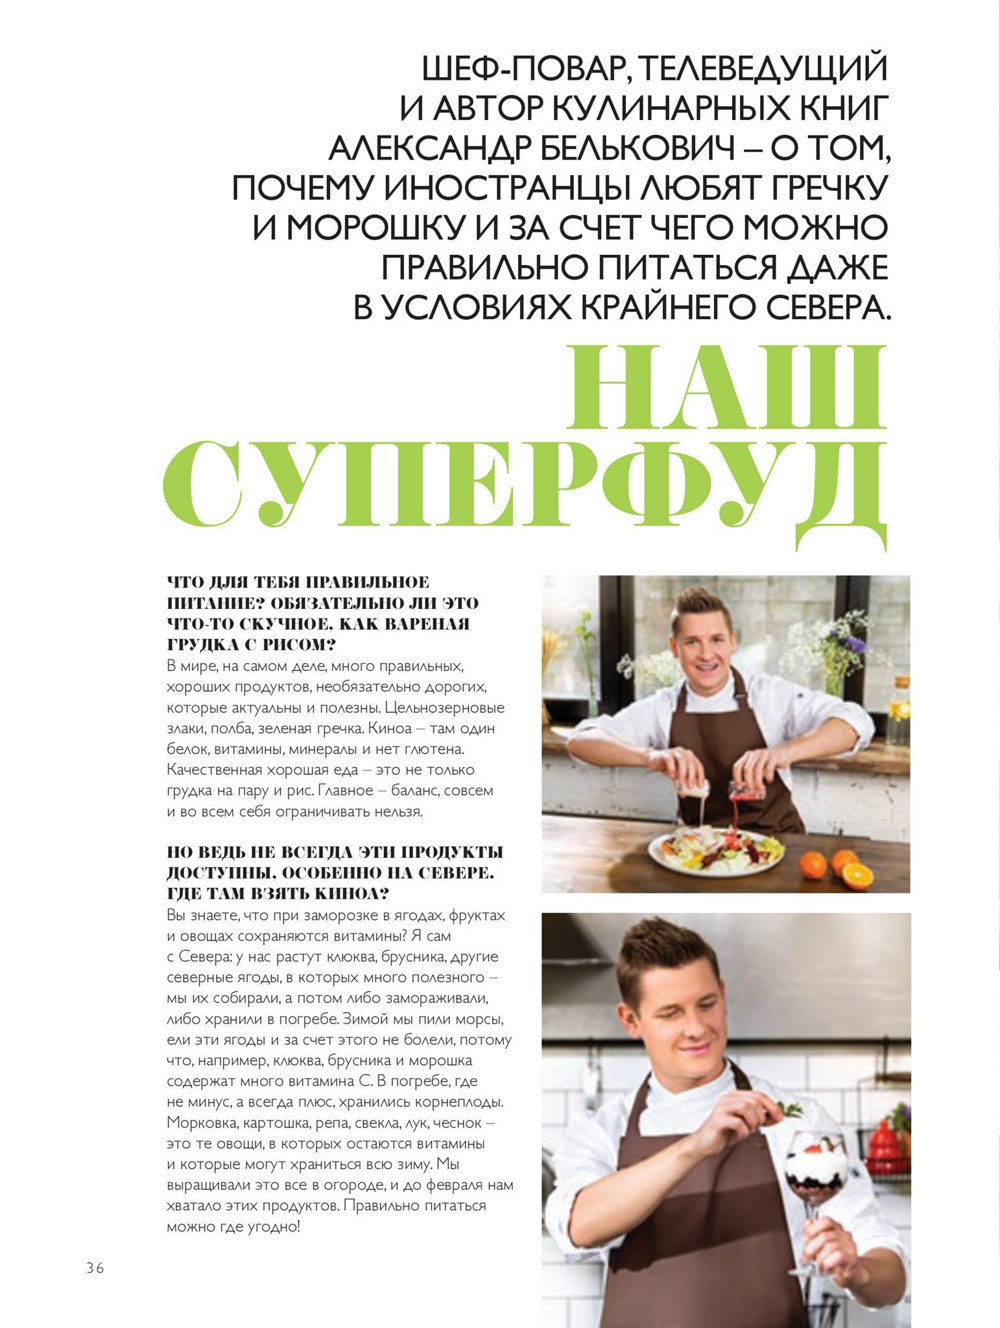 Старица 36, книга красоты Орифлейм Лето 2018, Россия